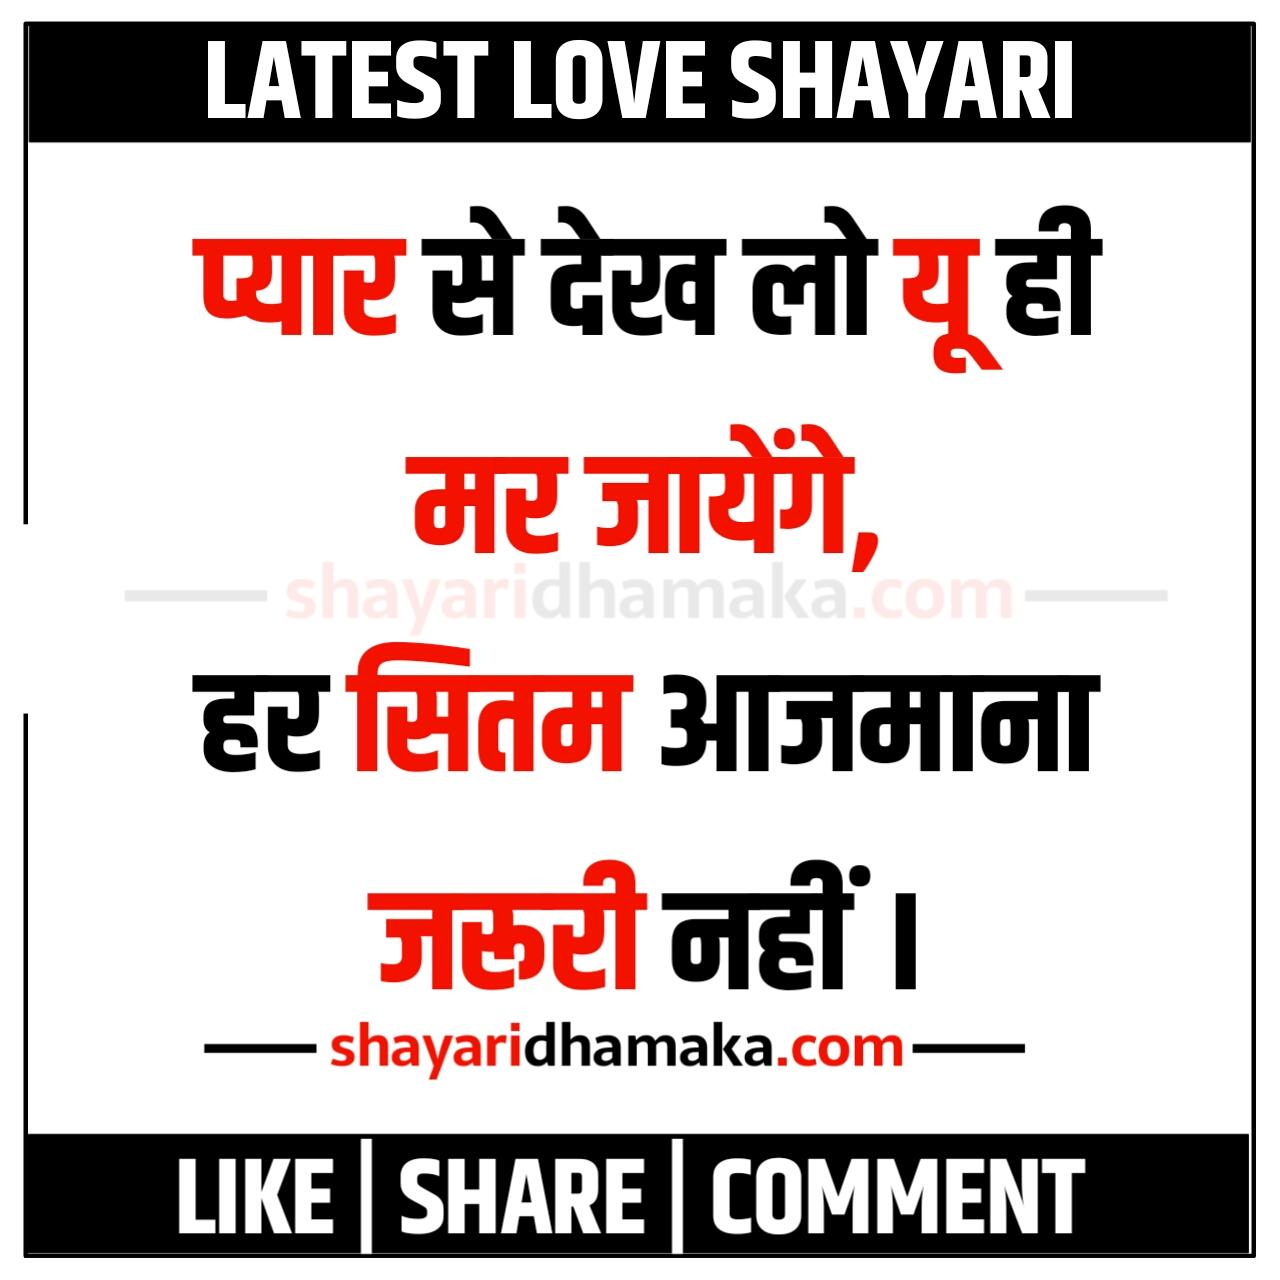 प्यार से देख लो यू ही मर जायेंगे - Latest Love Shayari